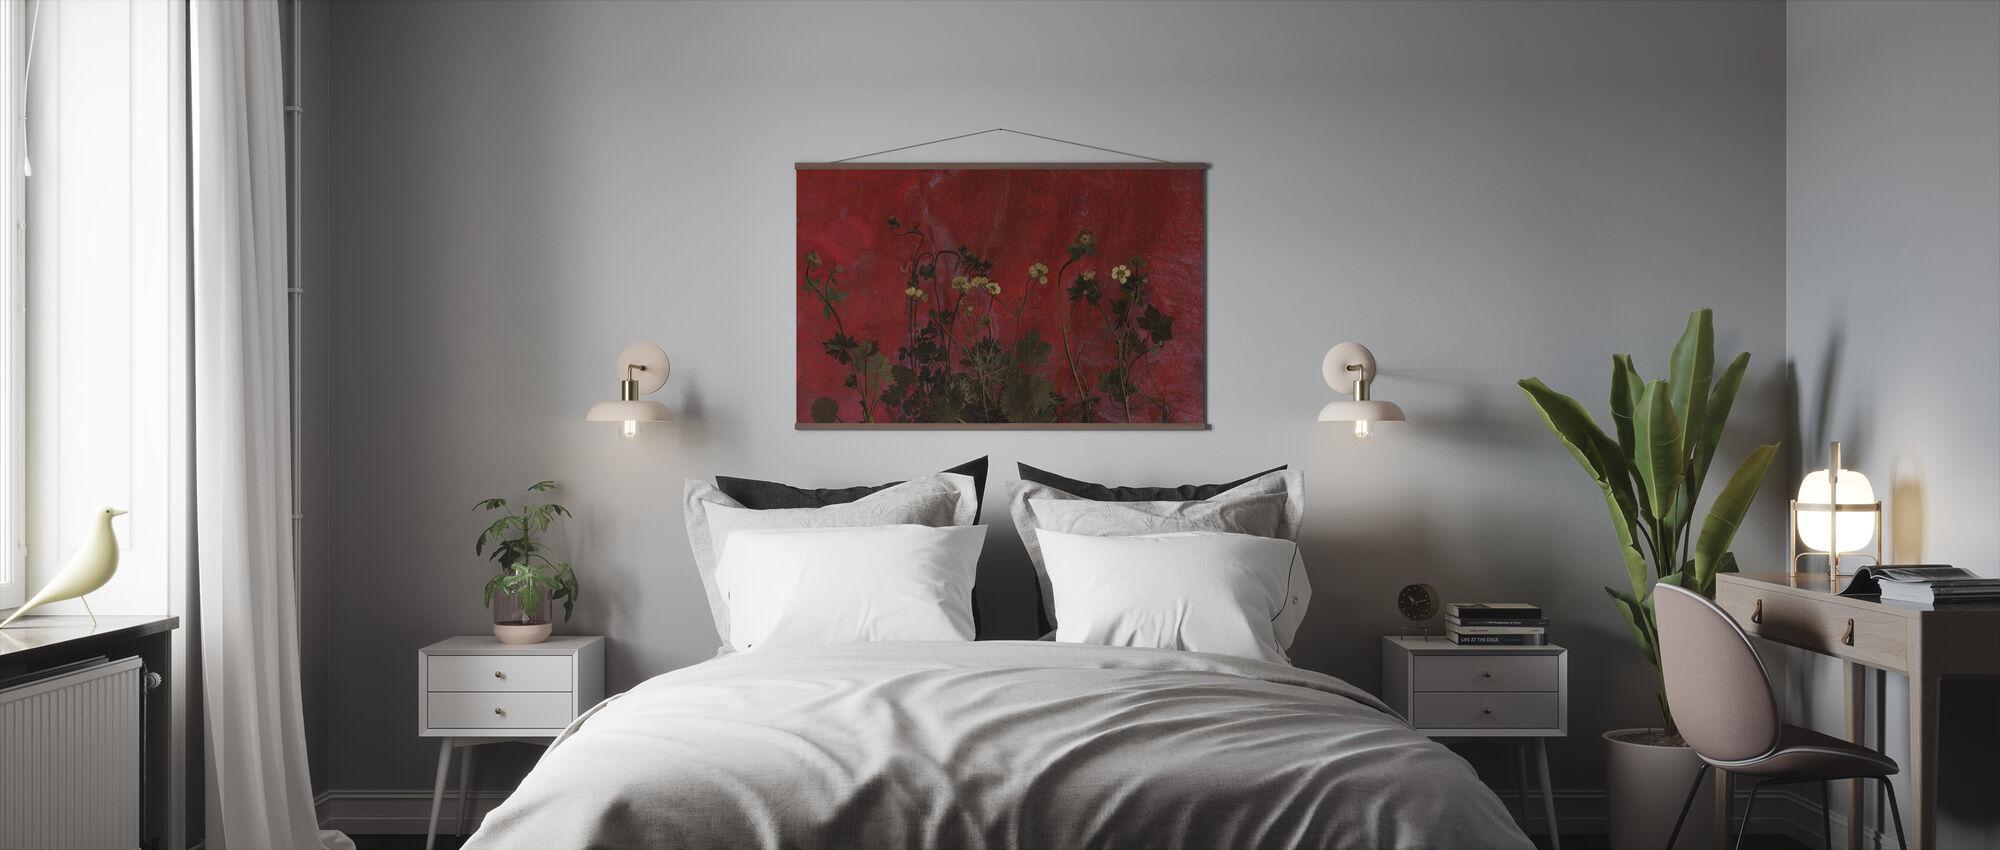 - Eng - Plakat - Soveværelse